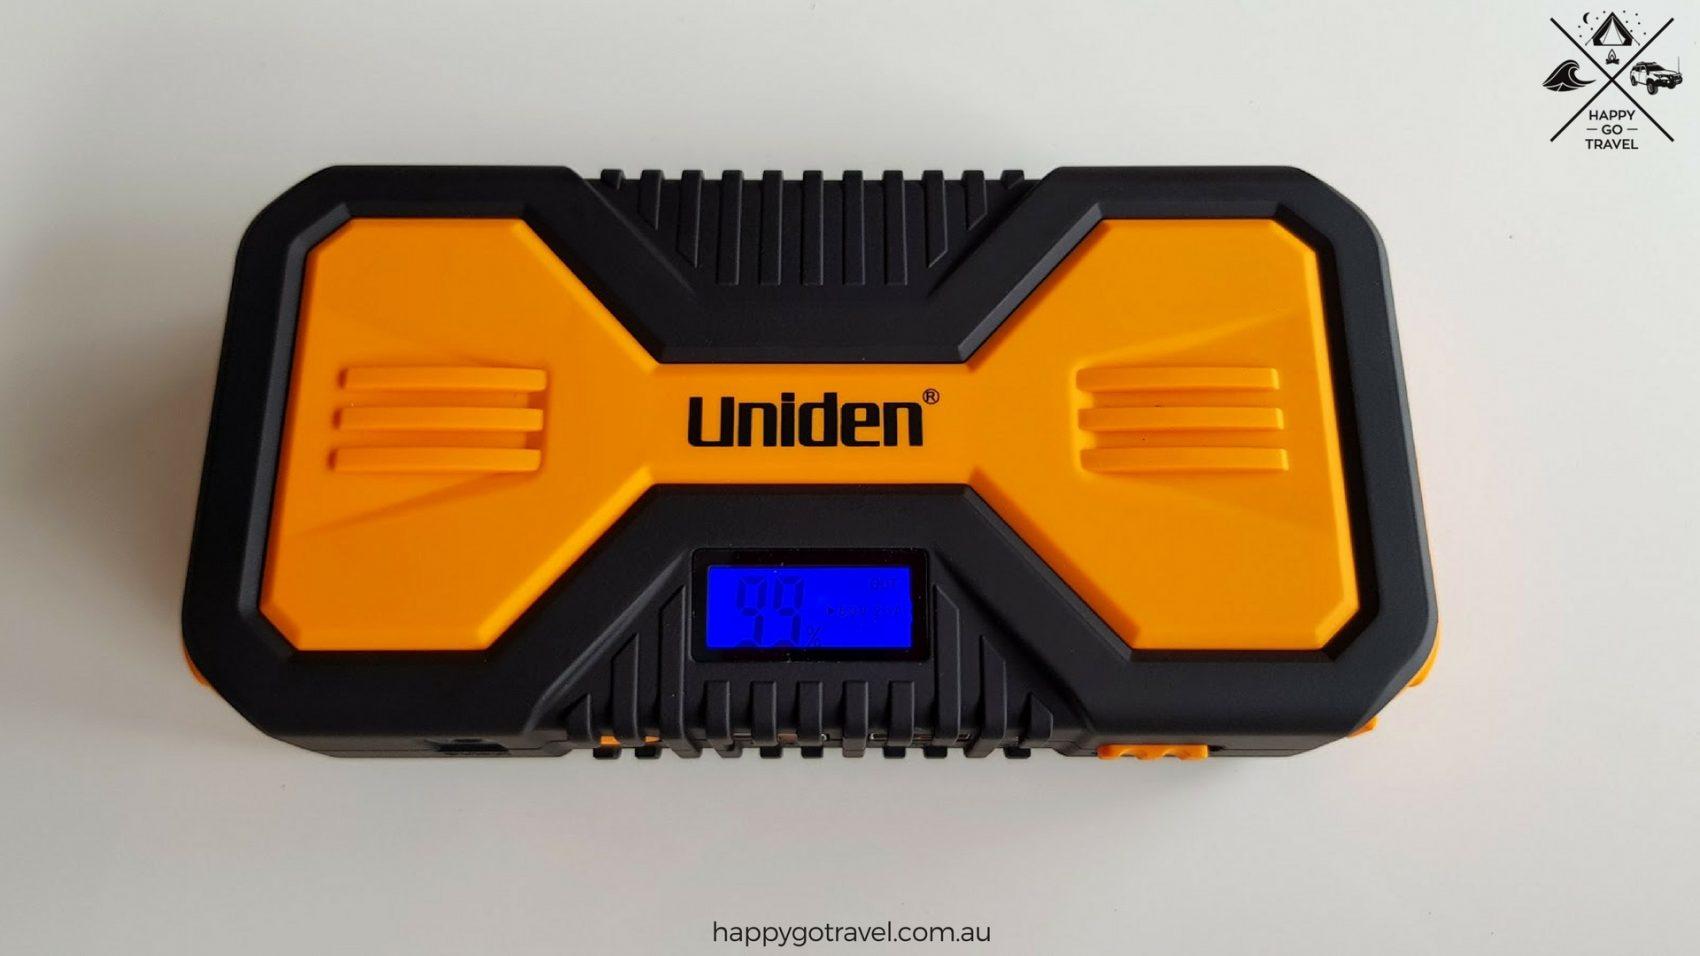 Uniden jump start kit turned on